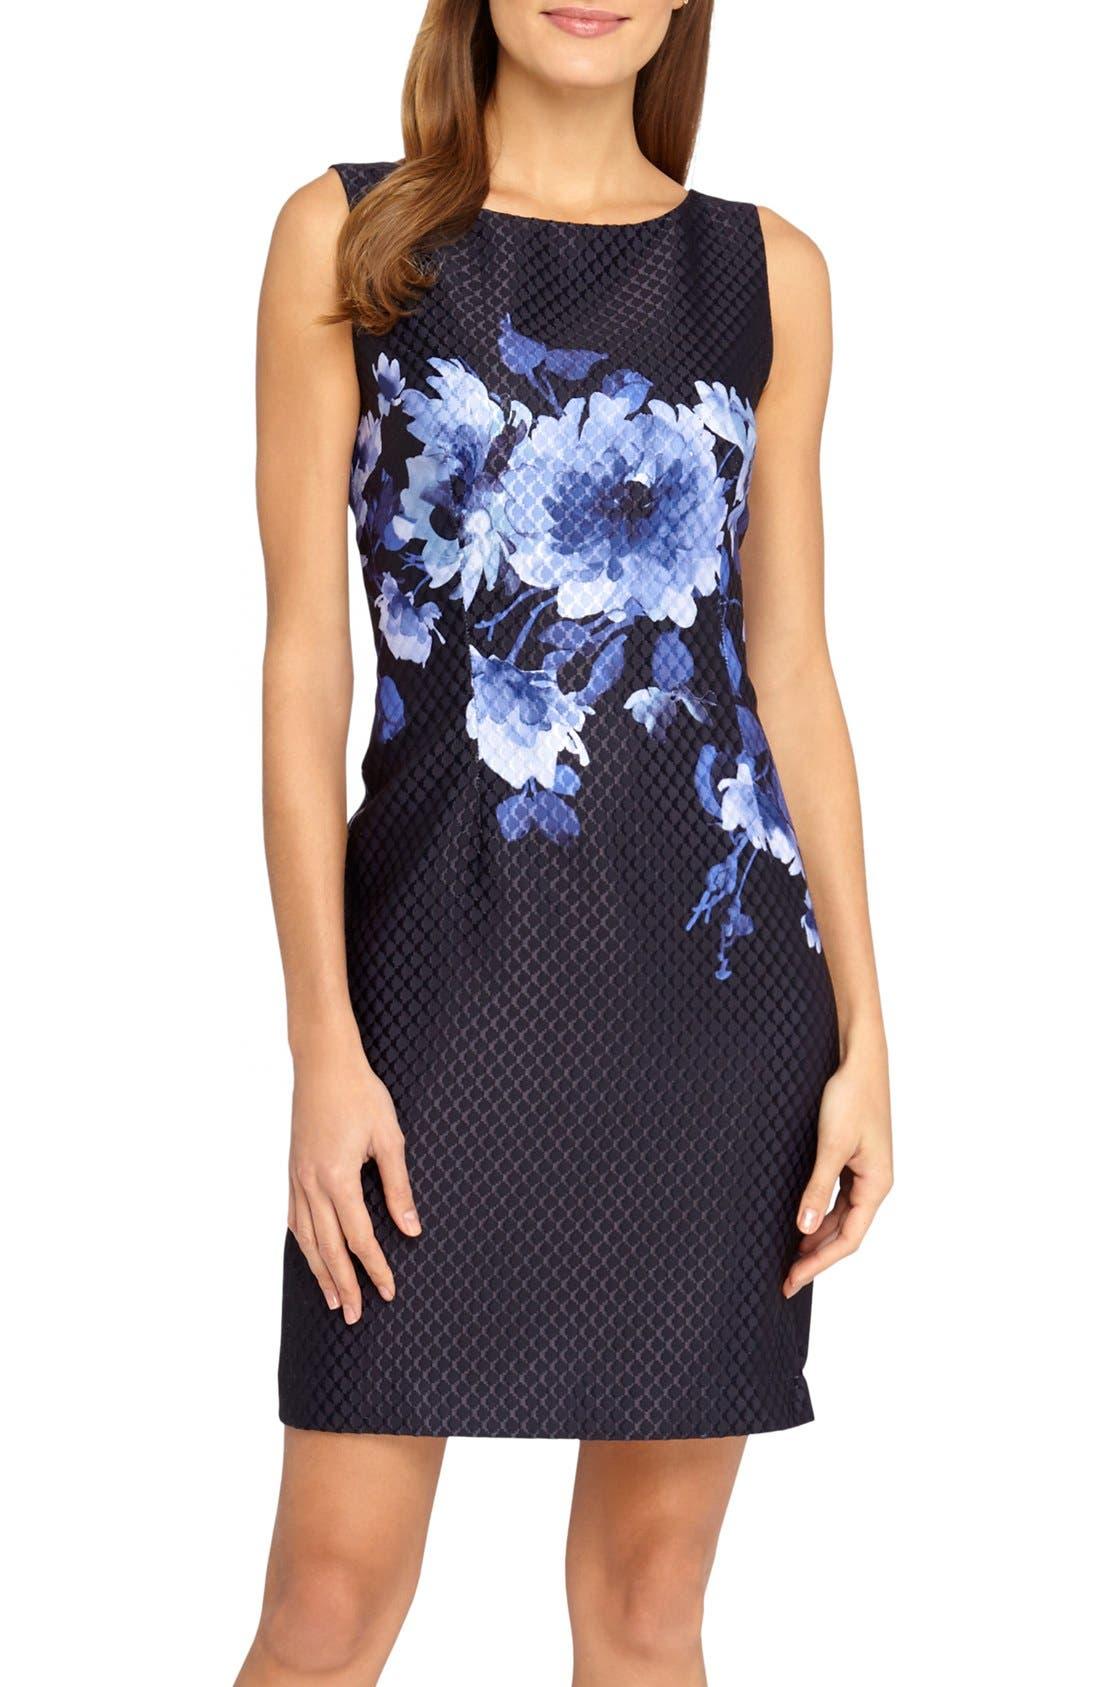 Alternate Image 1 Selected - Tahari Floral Jacquard Sheath Dress (Regular & Petite)